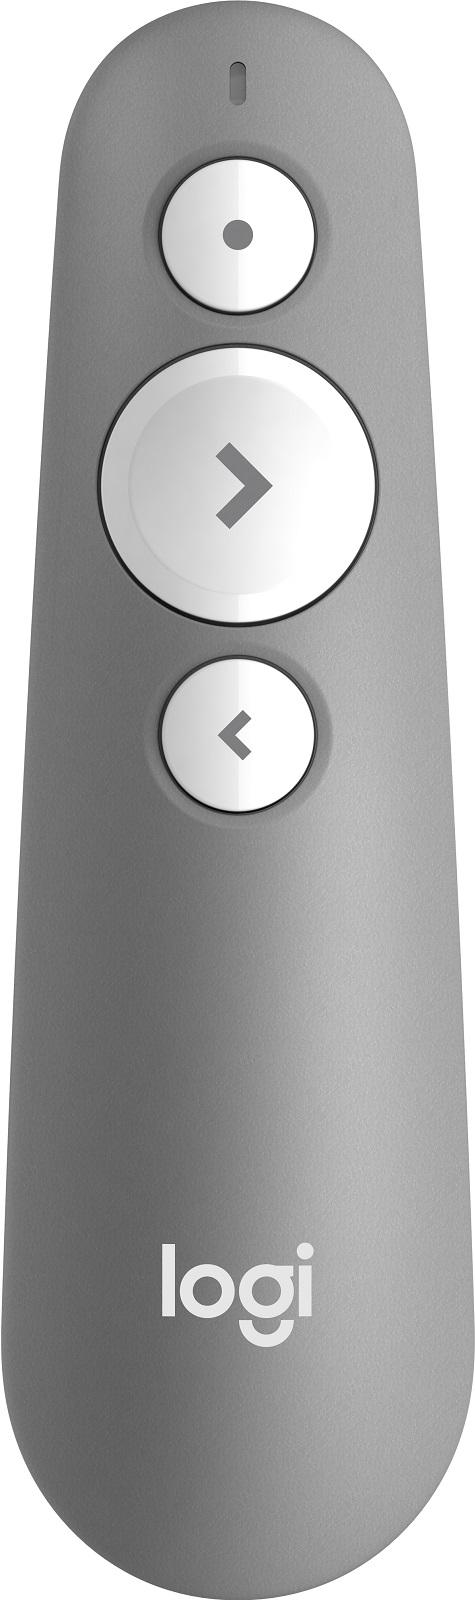 цена на Презентер (910-005387) Logitech Wireless Presenter R500 MID GREY